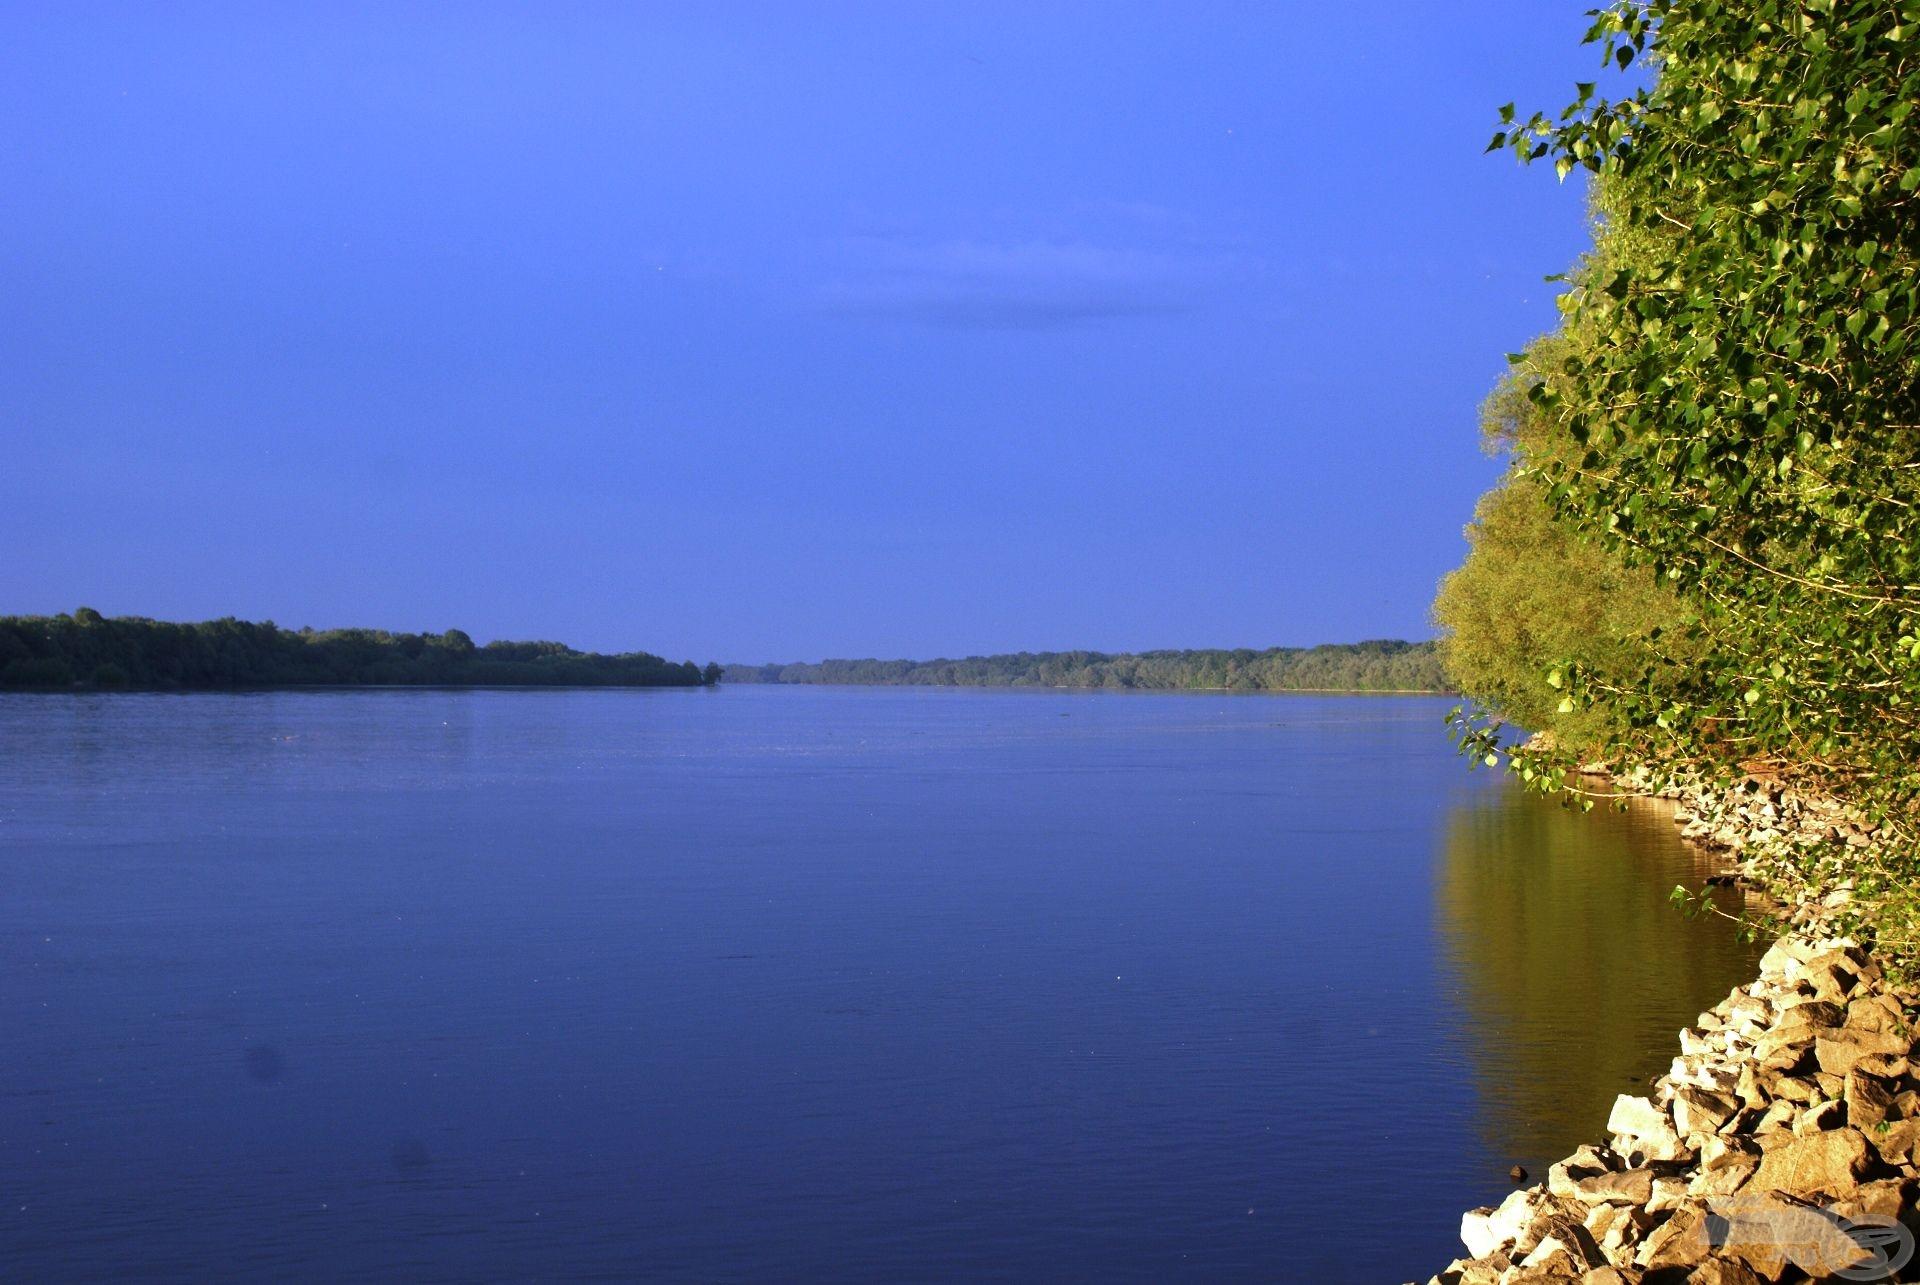 A nagy víz remélhetőleg kegyes lesz az ünnepi hangulatunkhoz